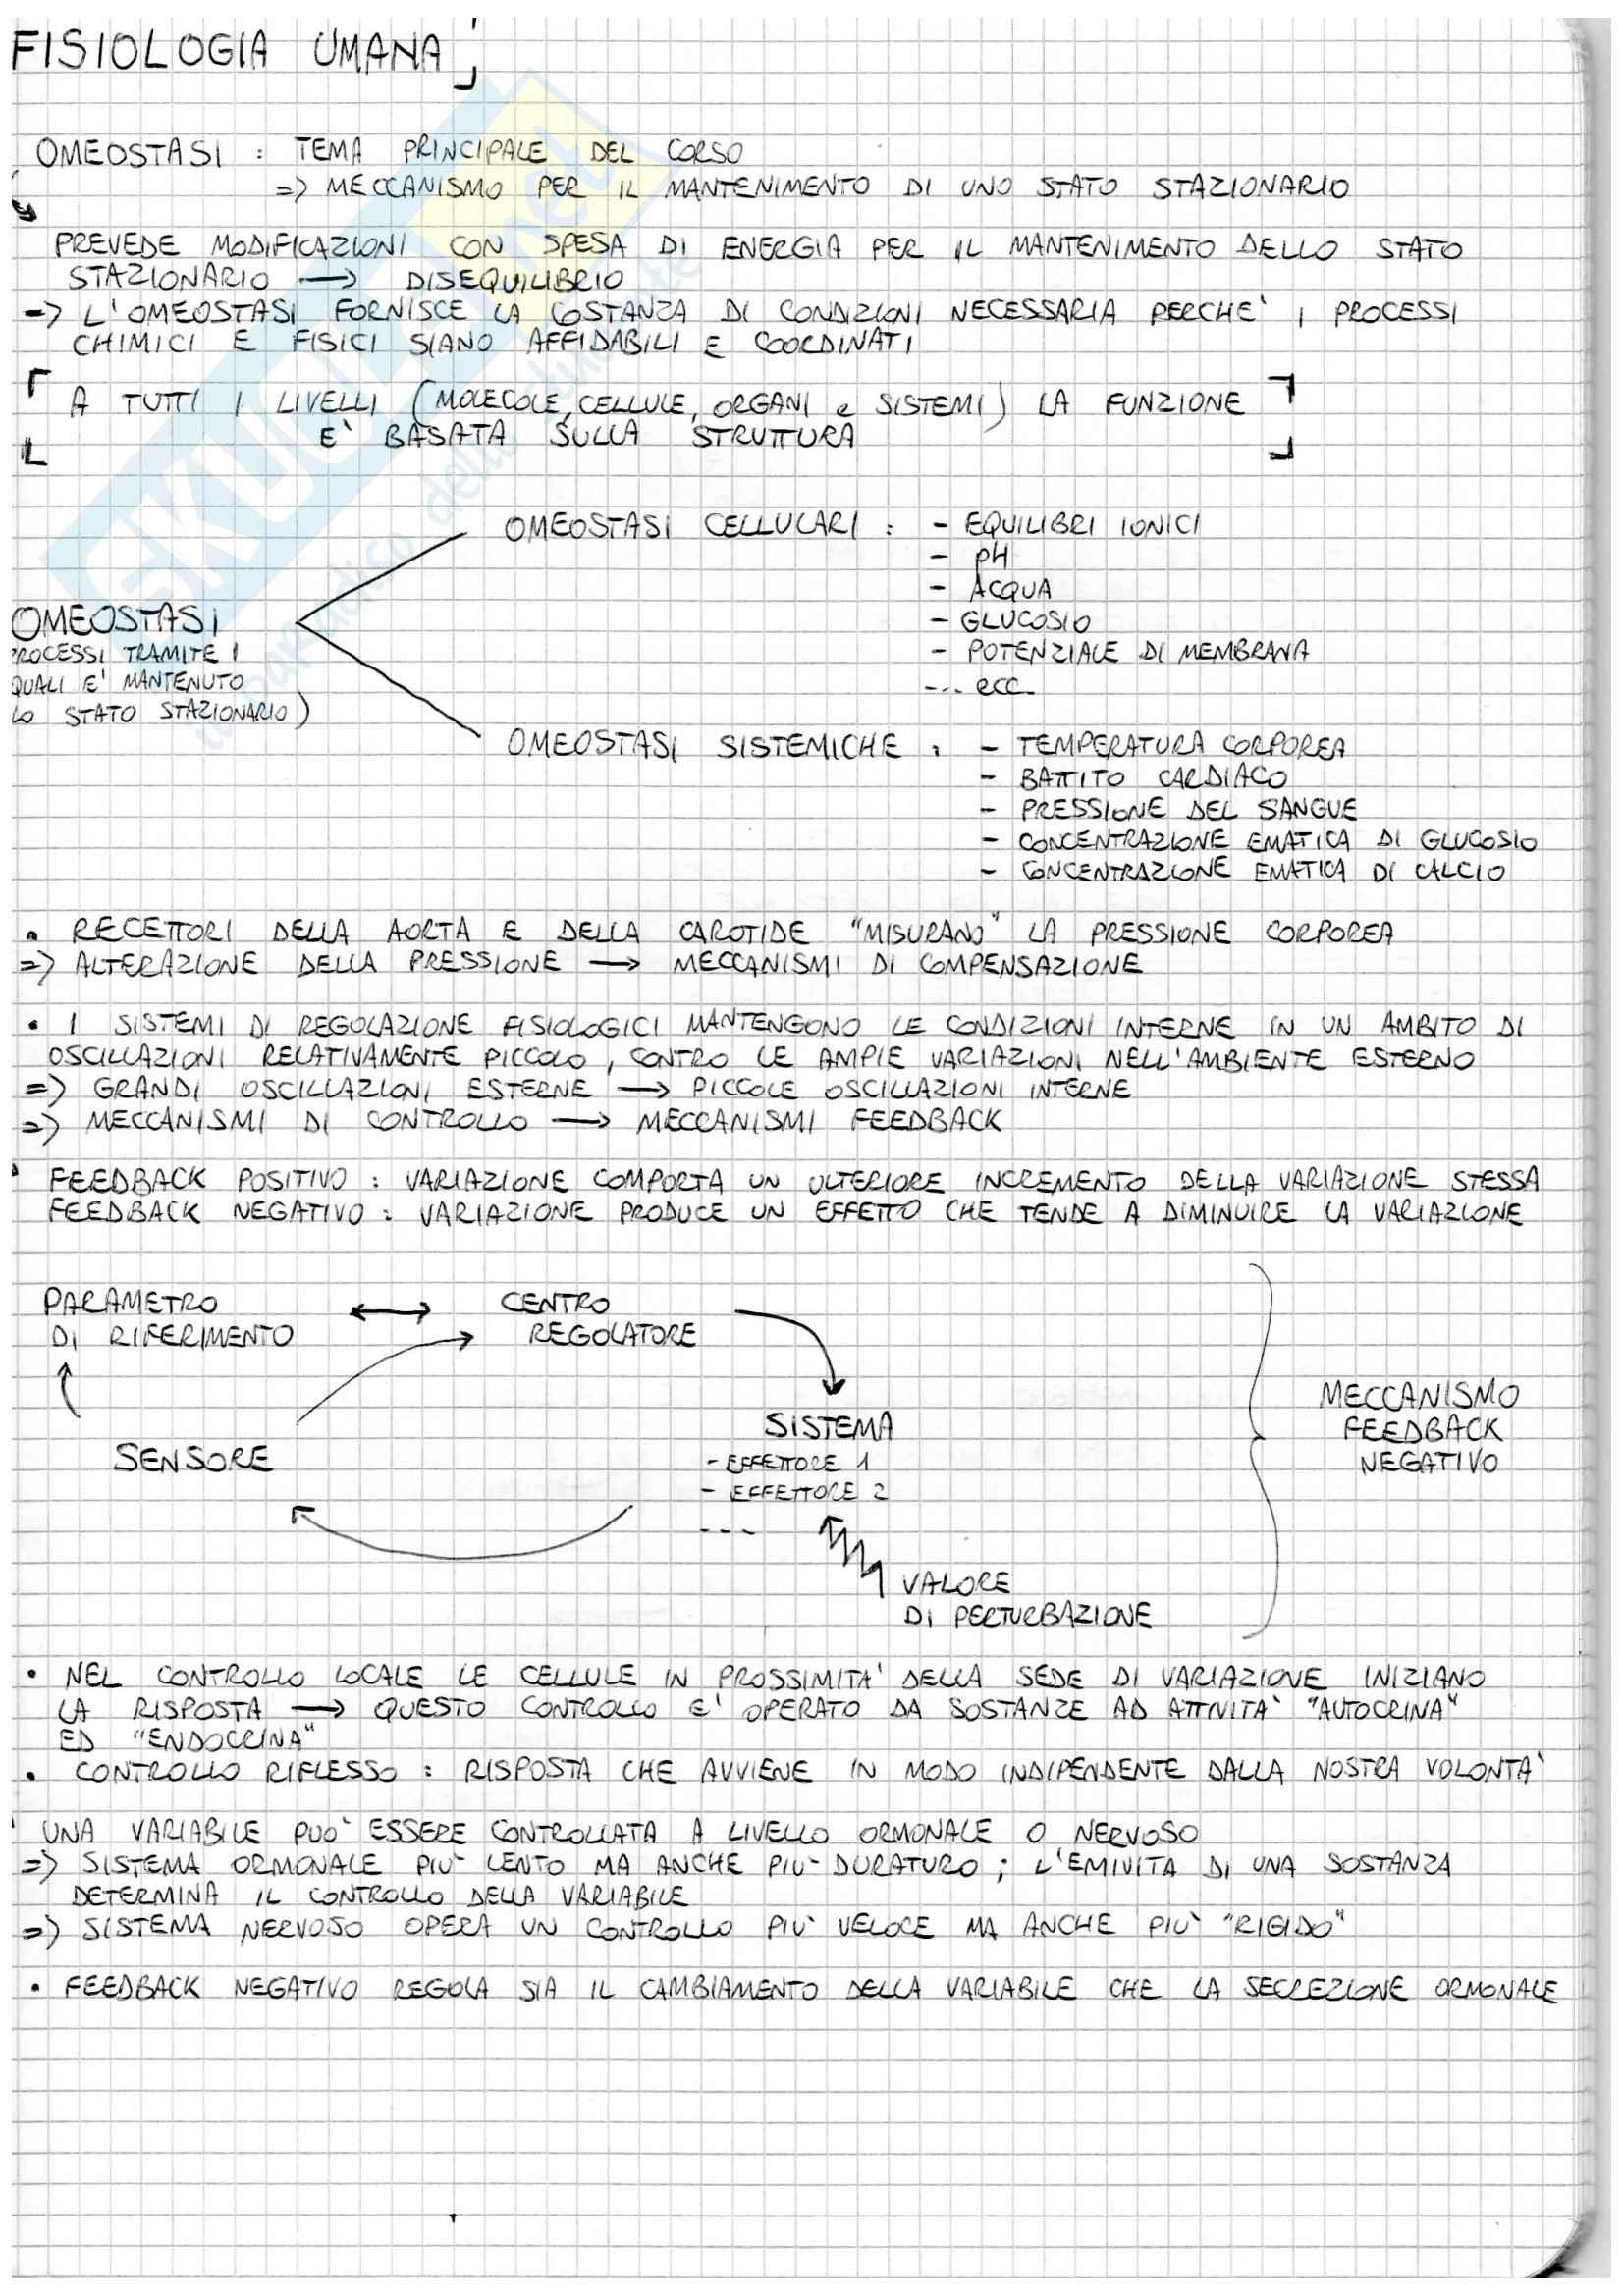 appunto D. Ragozzino Fisiologia umana